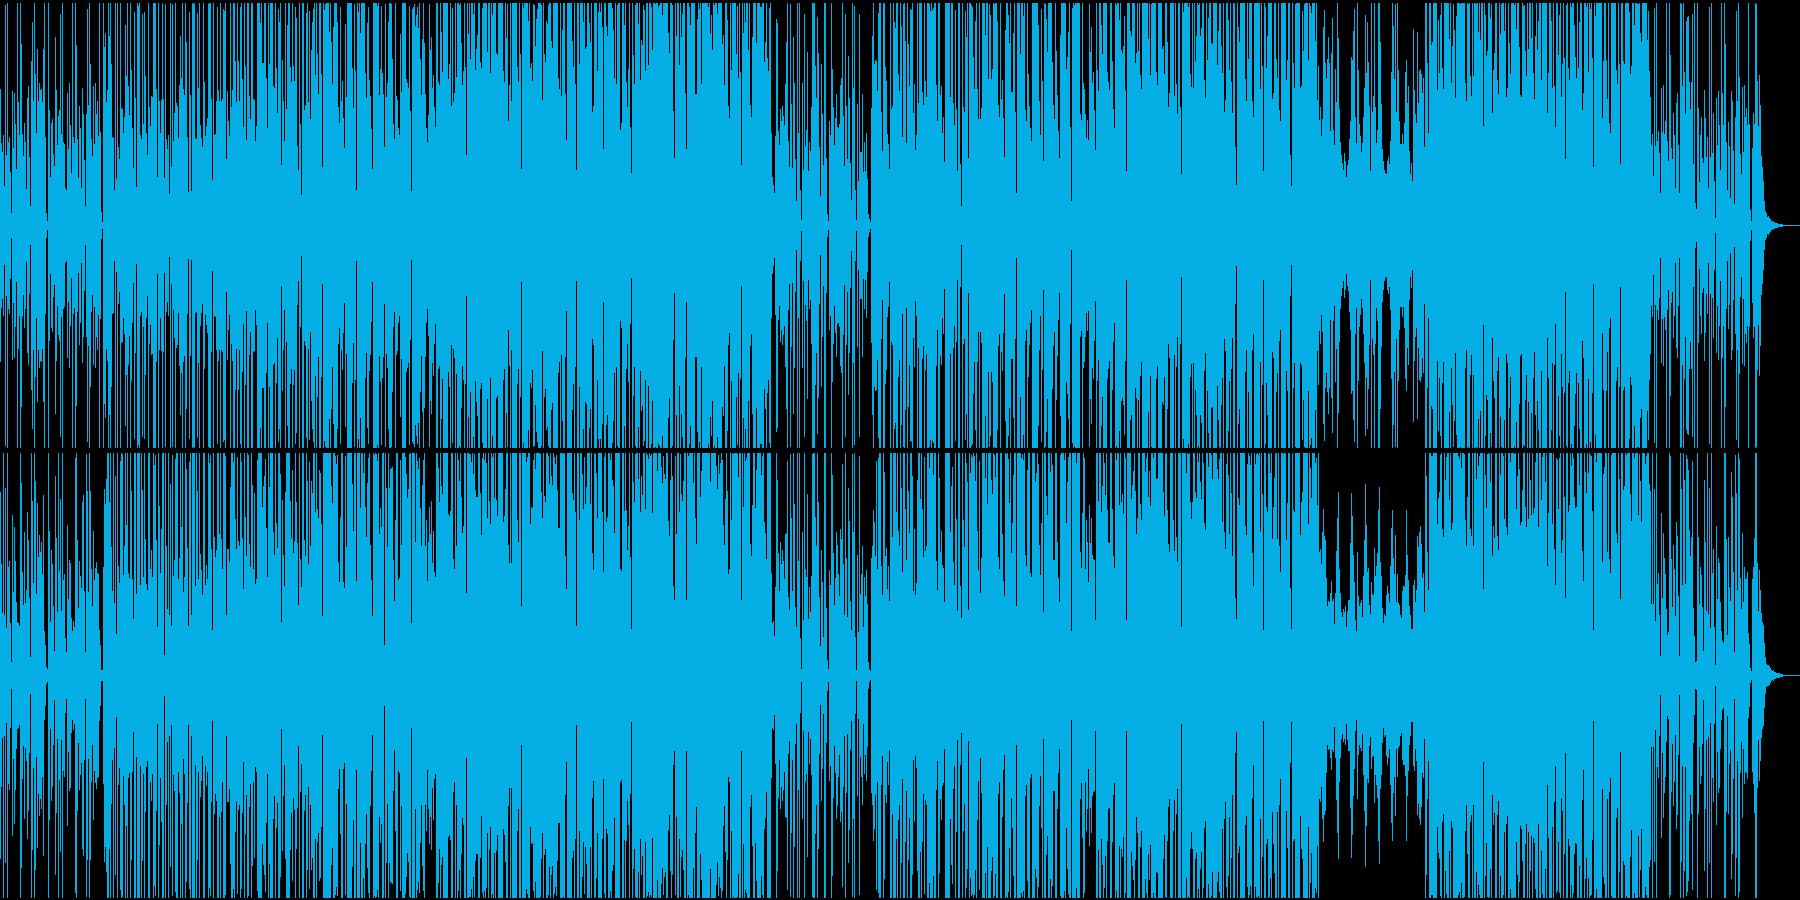 ドライブしながらリズミカルなピアノビートの再生済みの波形